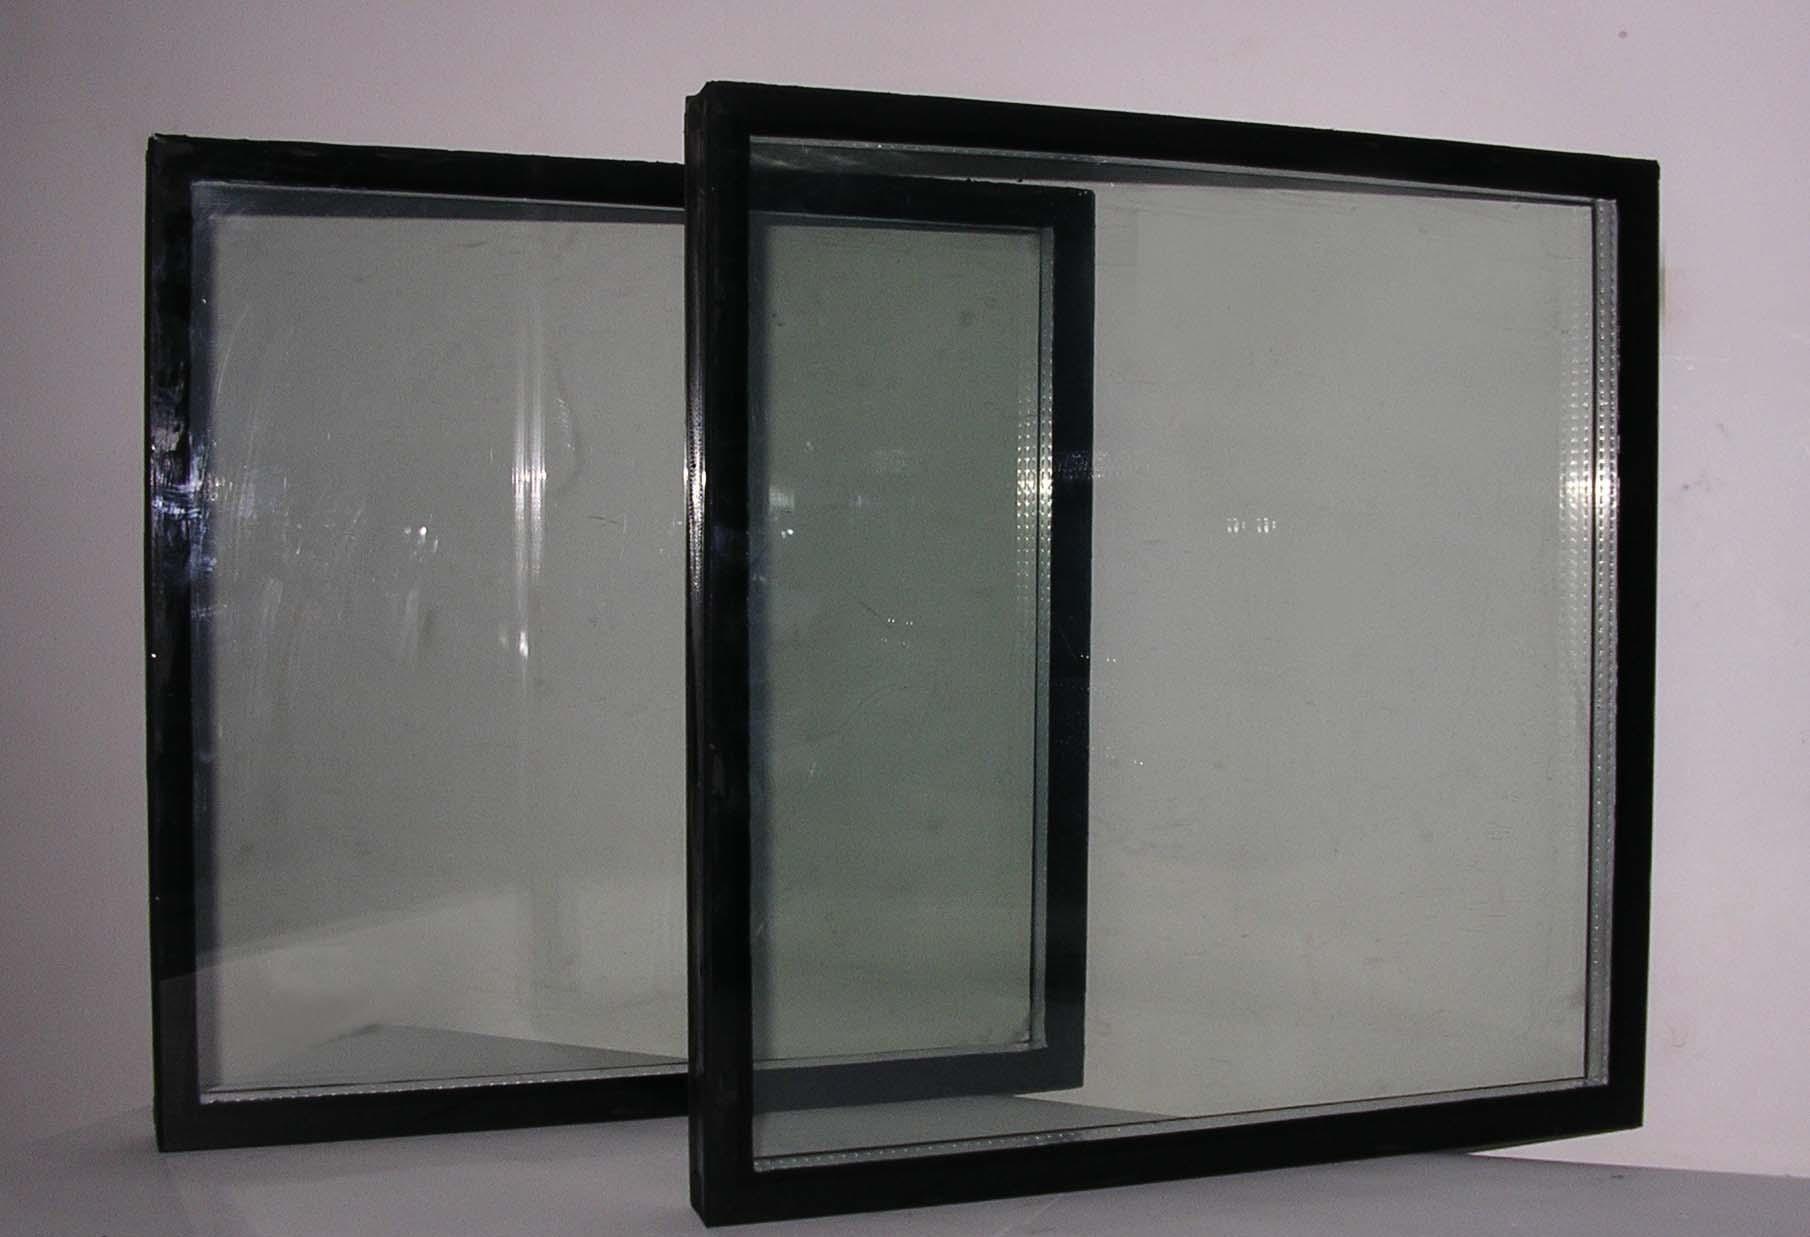 雙層玻璃和單層玻璃的區別 雙層玻璃開裂的原因